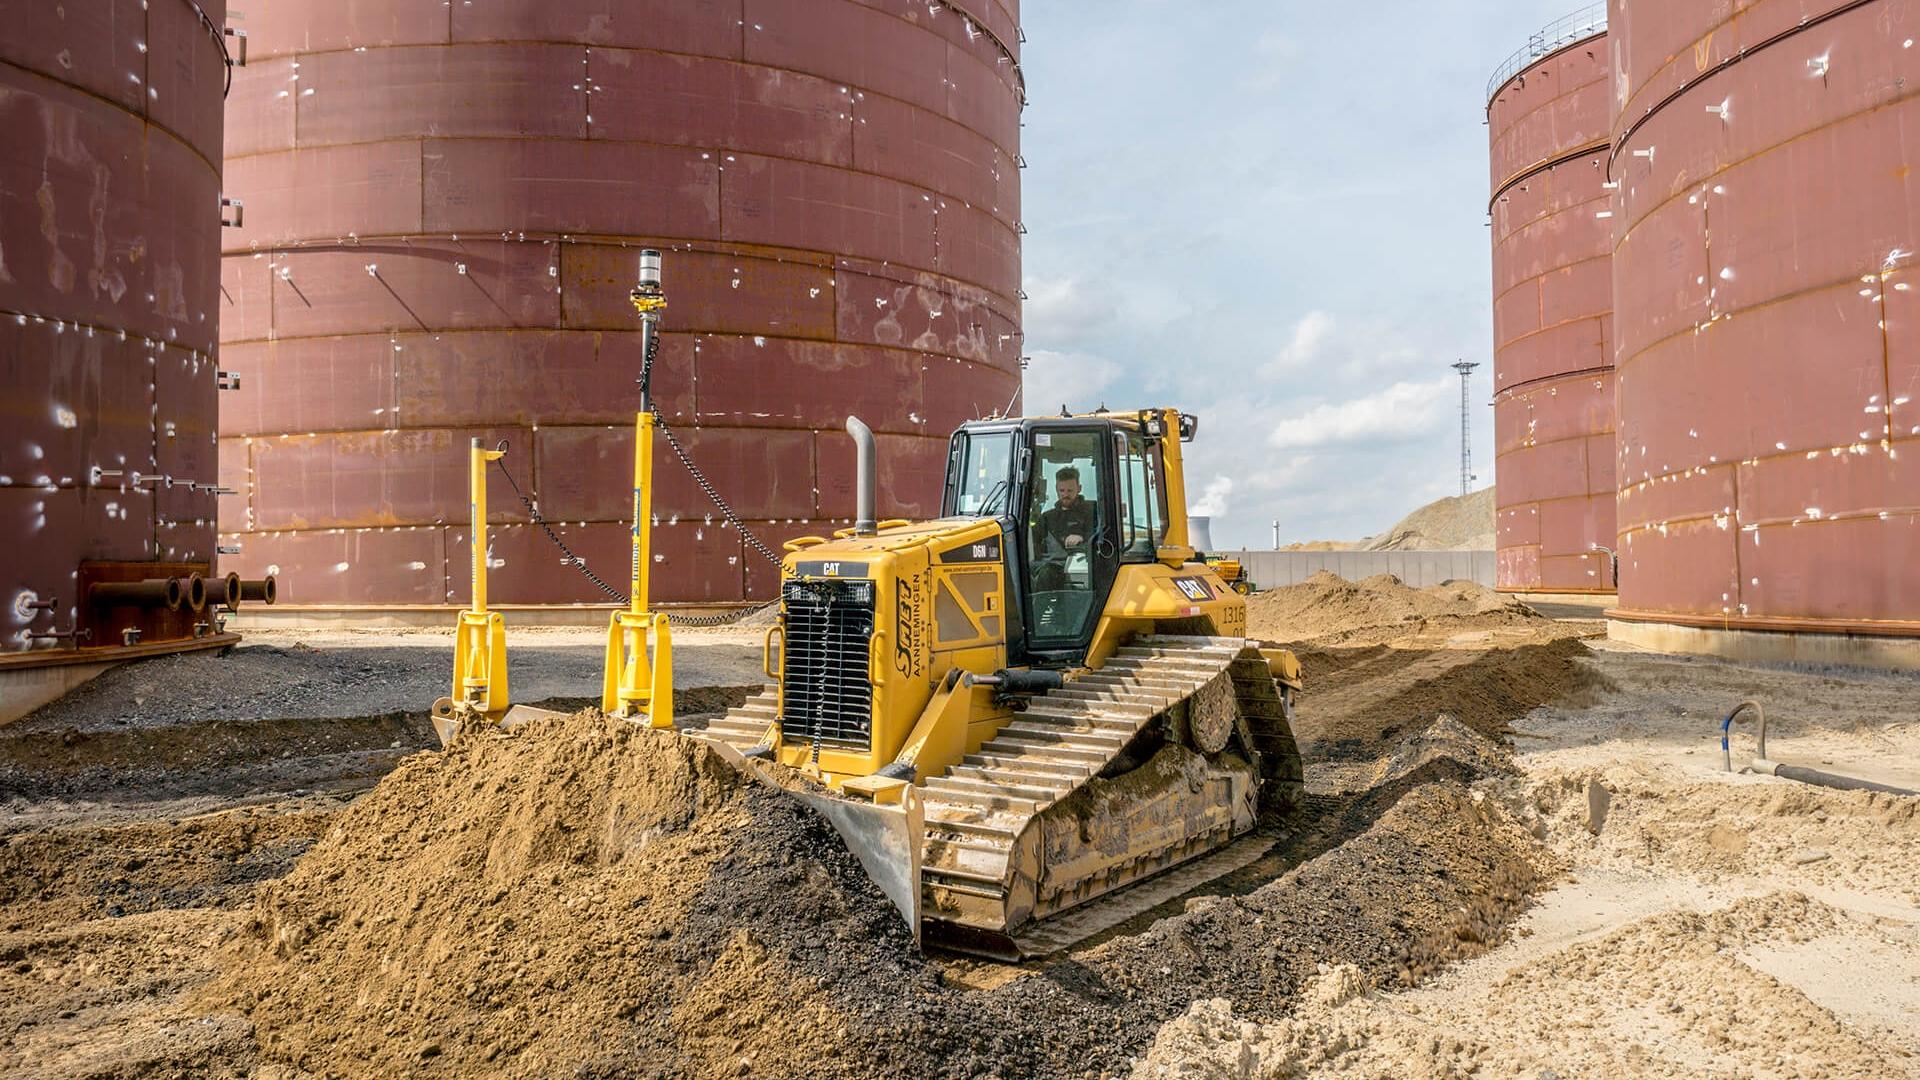 Grond- en Infrastructuurwerken - Een beredeneerde aanleg van jouw terrein of infrastructuur. Meer weten over grond- en infrastructuurwerken